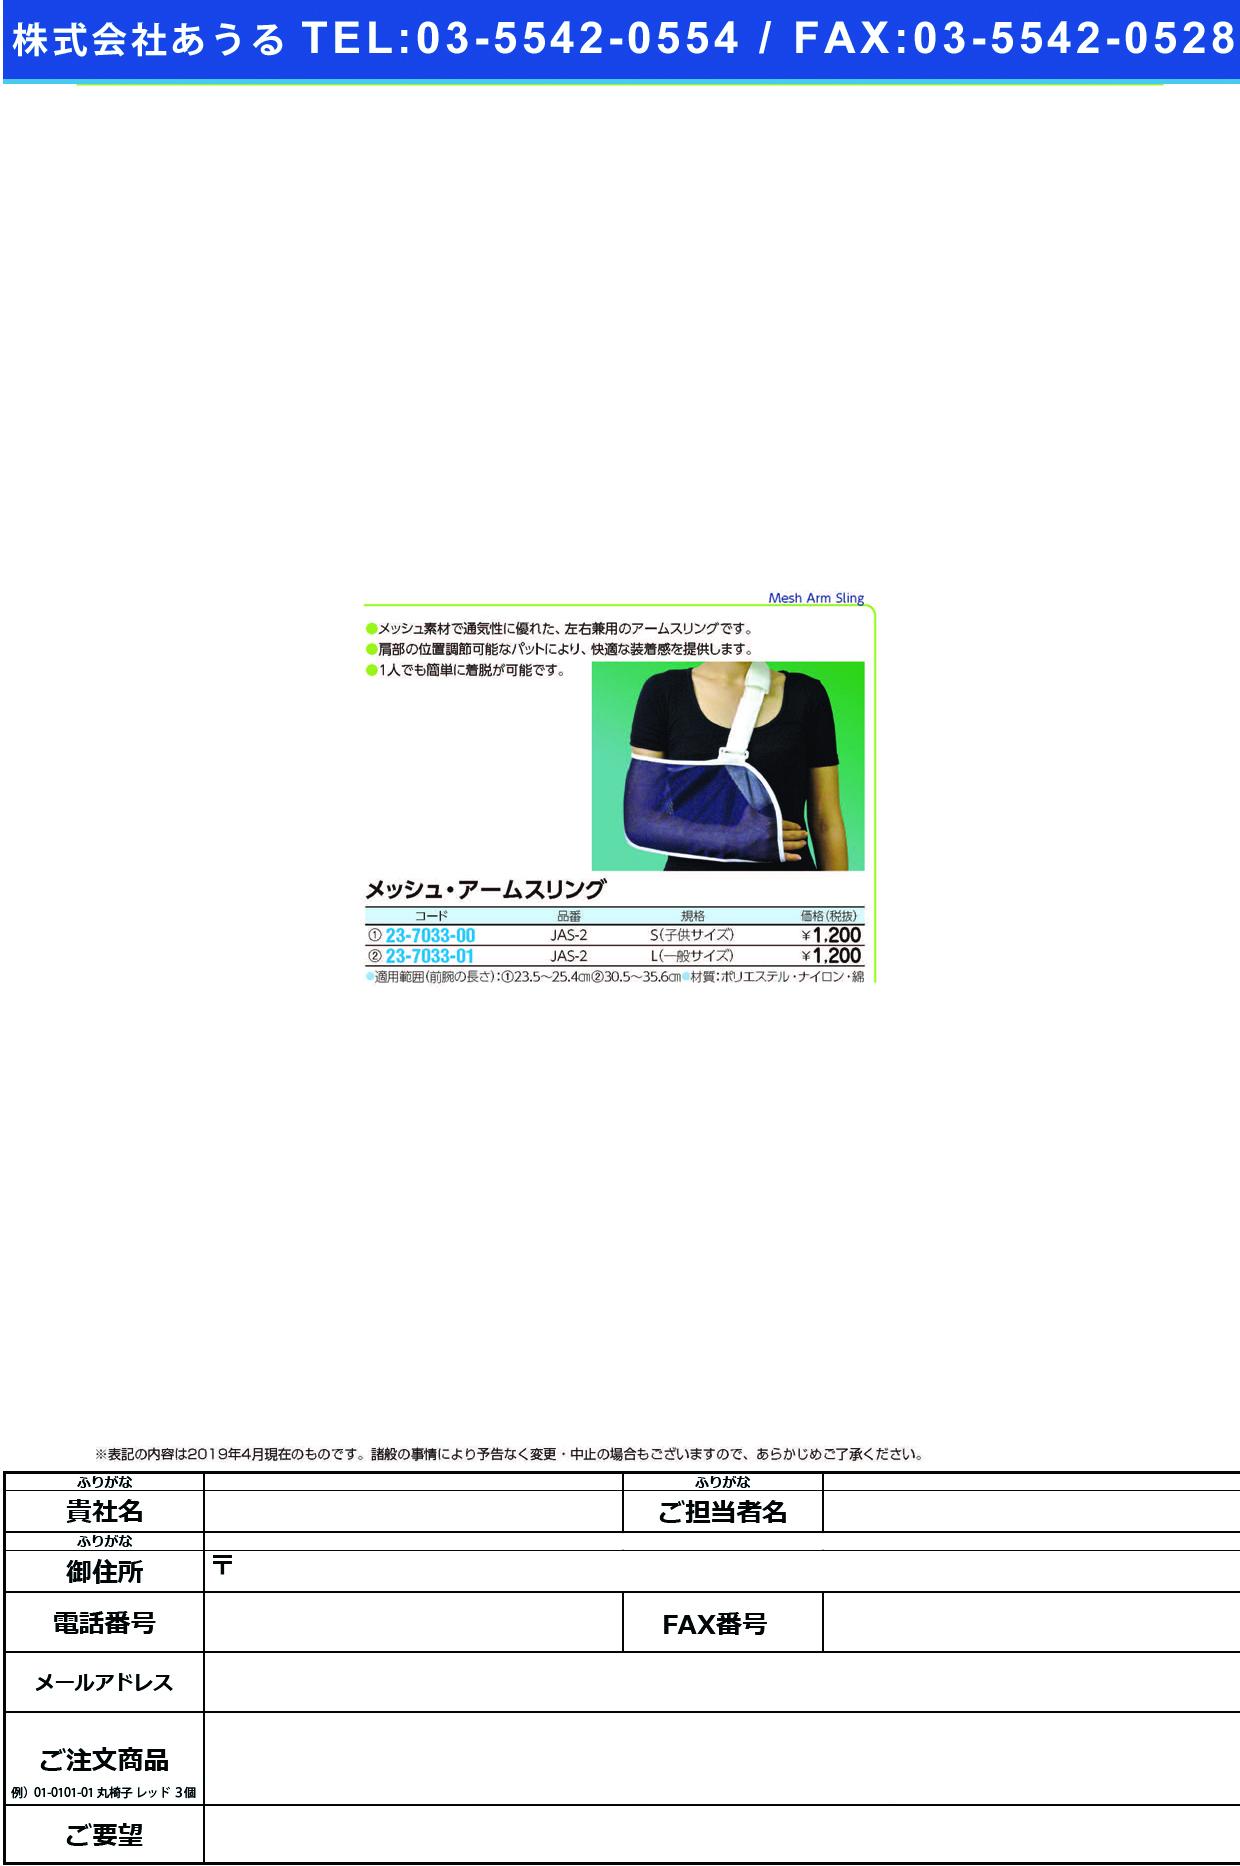 (23-7033-00)メッシュ・アームスリング(子供サイズ JAS-2(S) メッシュ・アームスリング(コドモ)(ファーストレイト)【1個単位】【2019年カタログ商品】